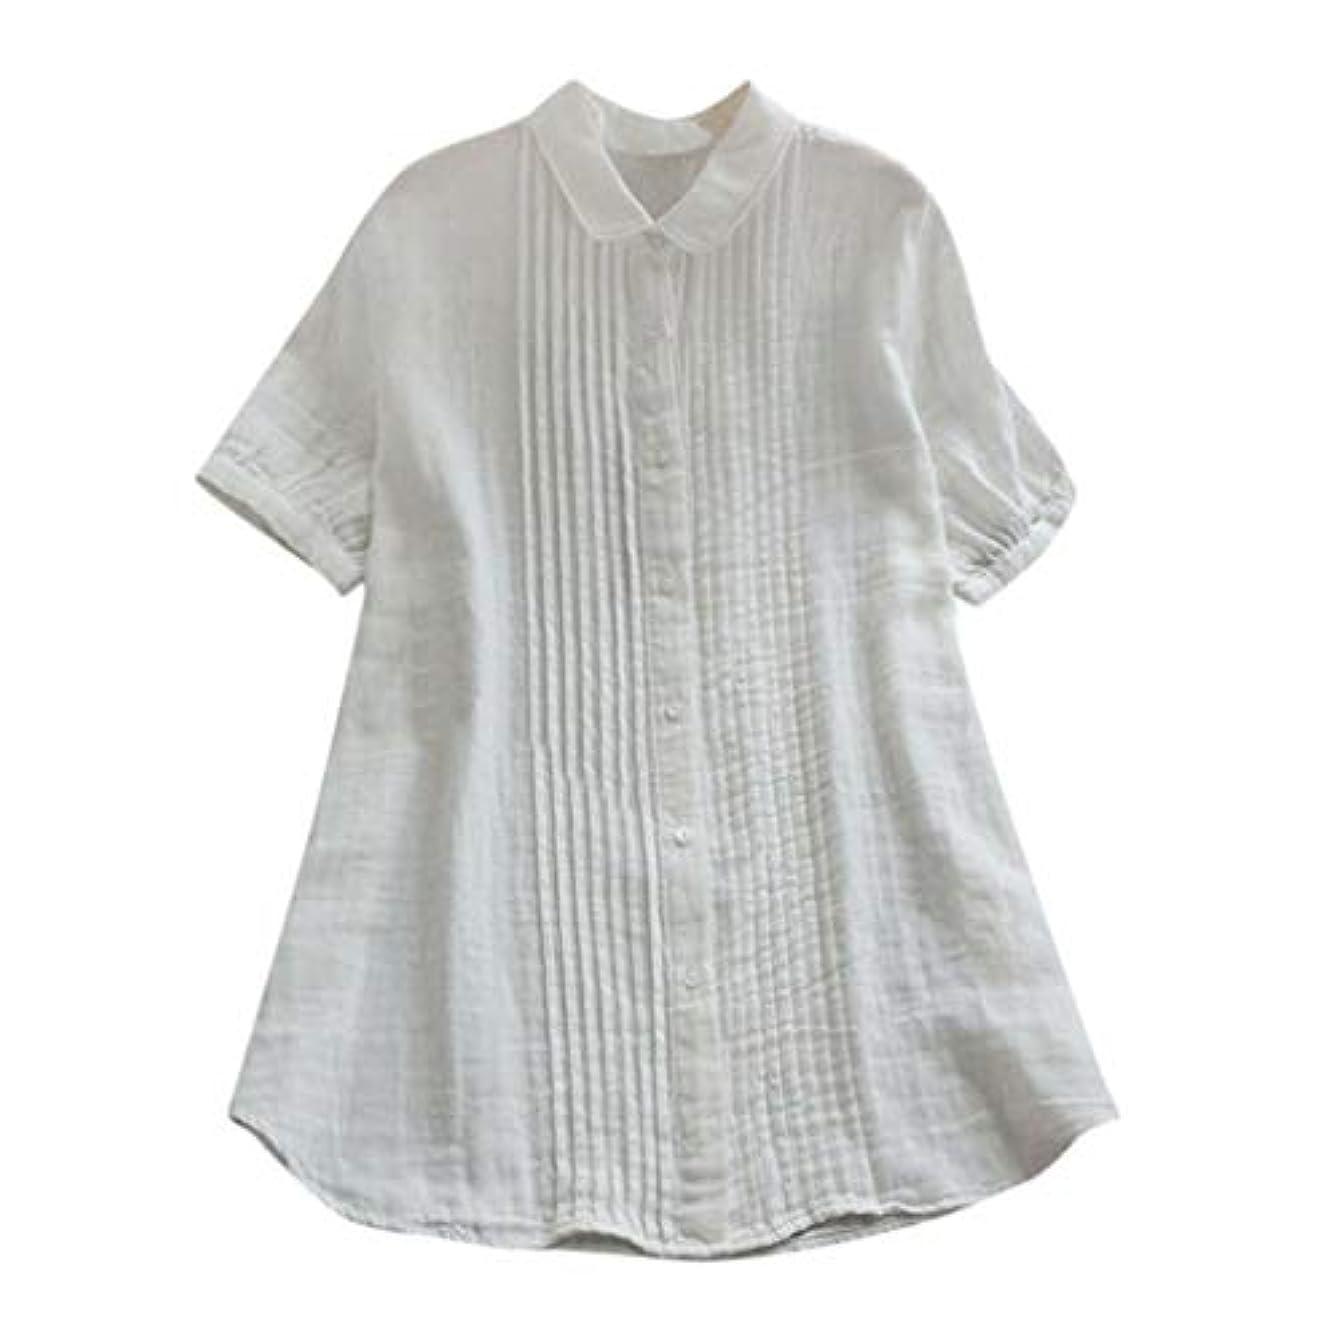 賛美歌有益なイタリック女性の半袖Tシャツ - ピーターパンカラー夏緩い無地カジュアルダウントップスブラウス (白, XL)